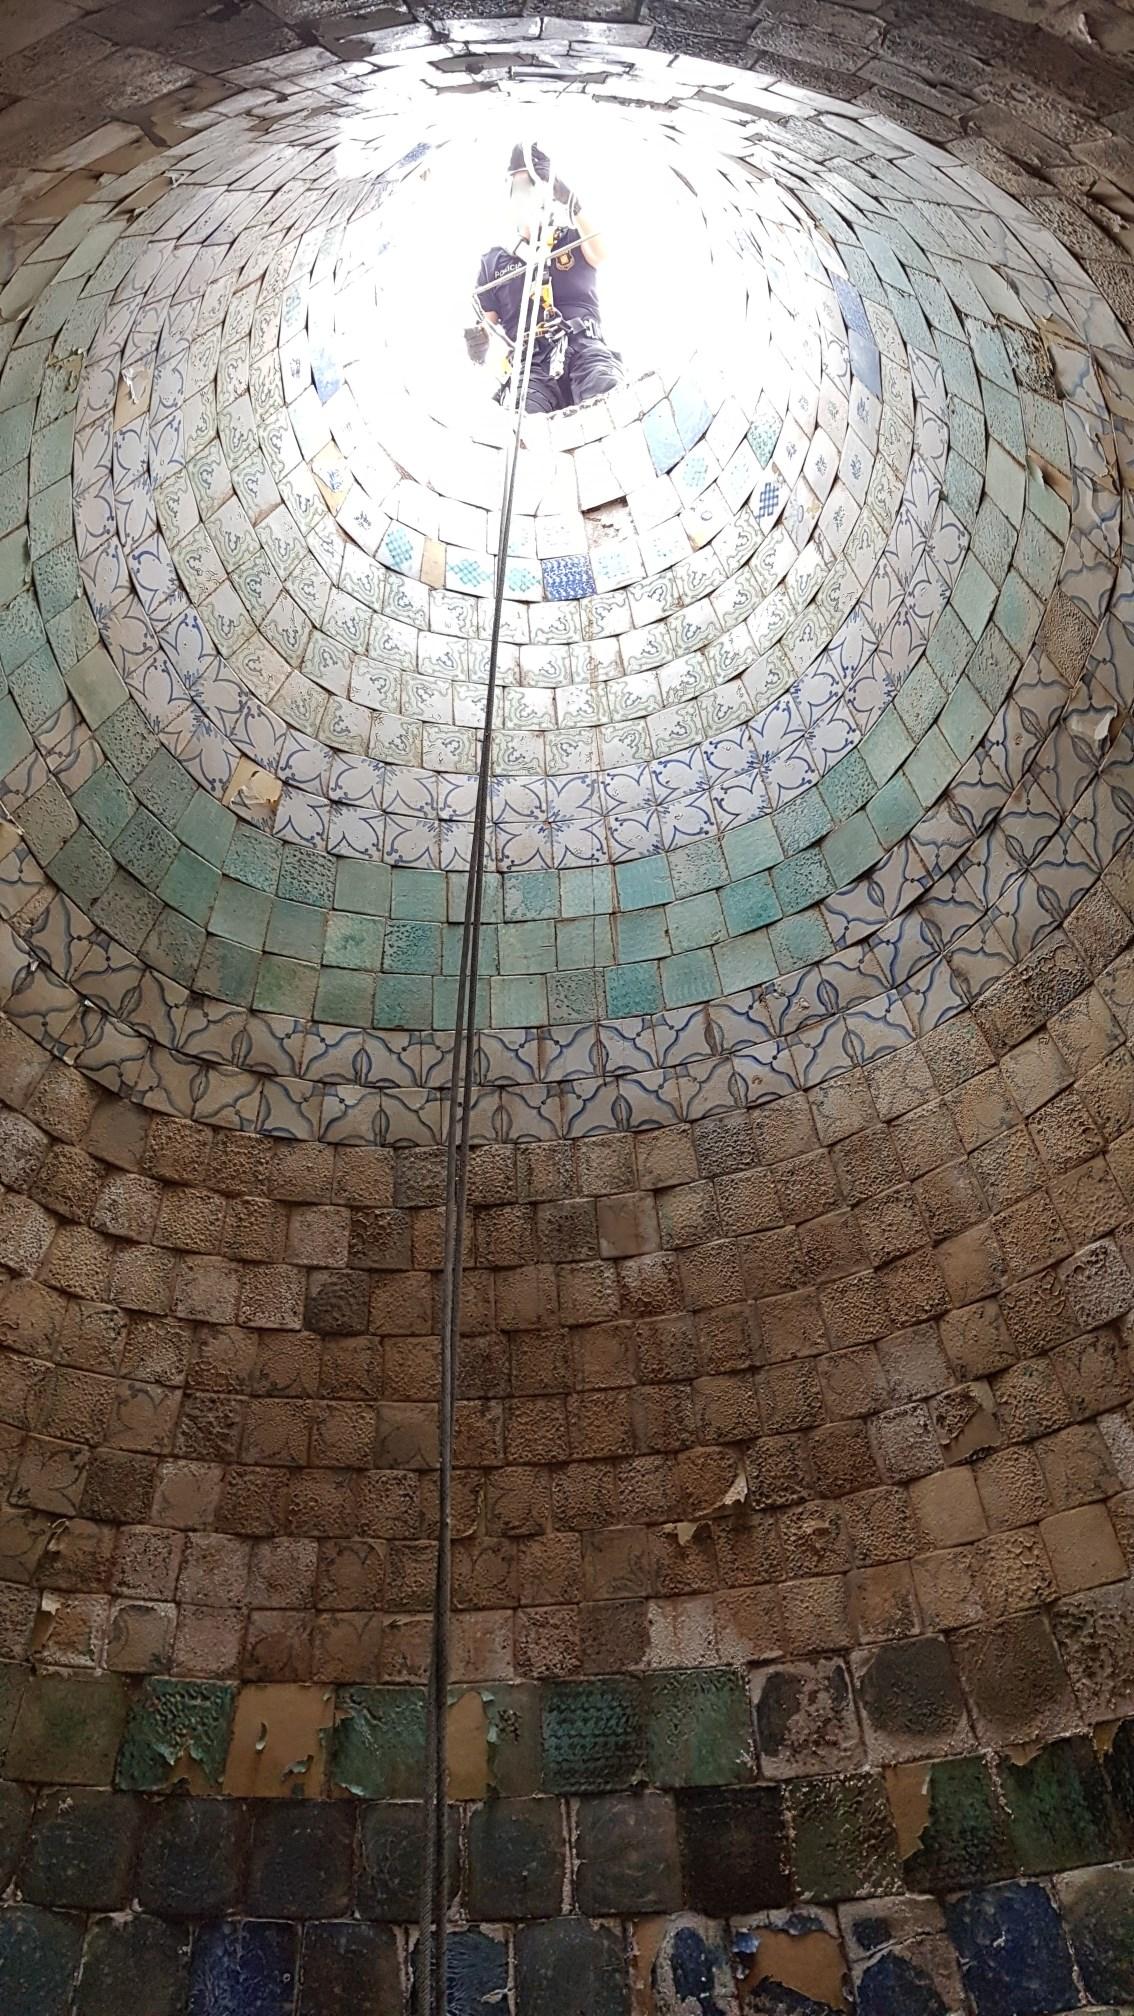 Foto de l'interior del dipòsit troncocònic amb revestiment de rajoles: Foto: SABCN